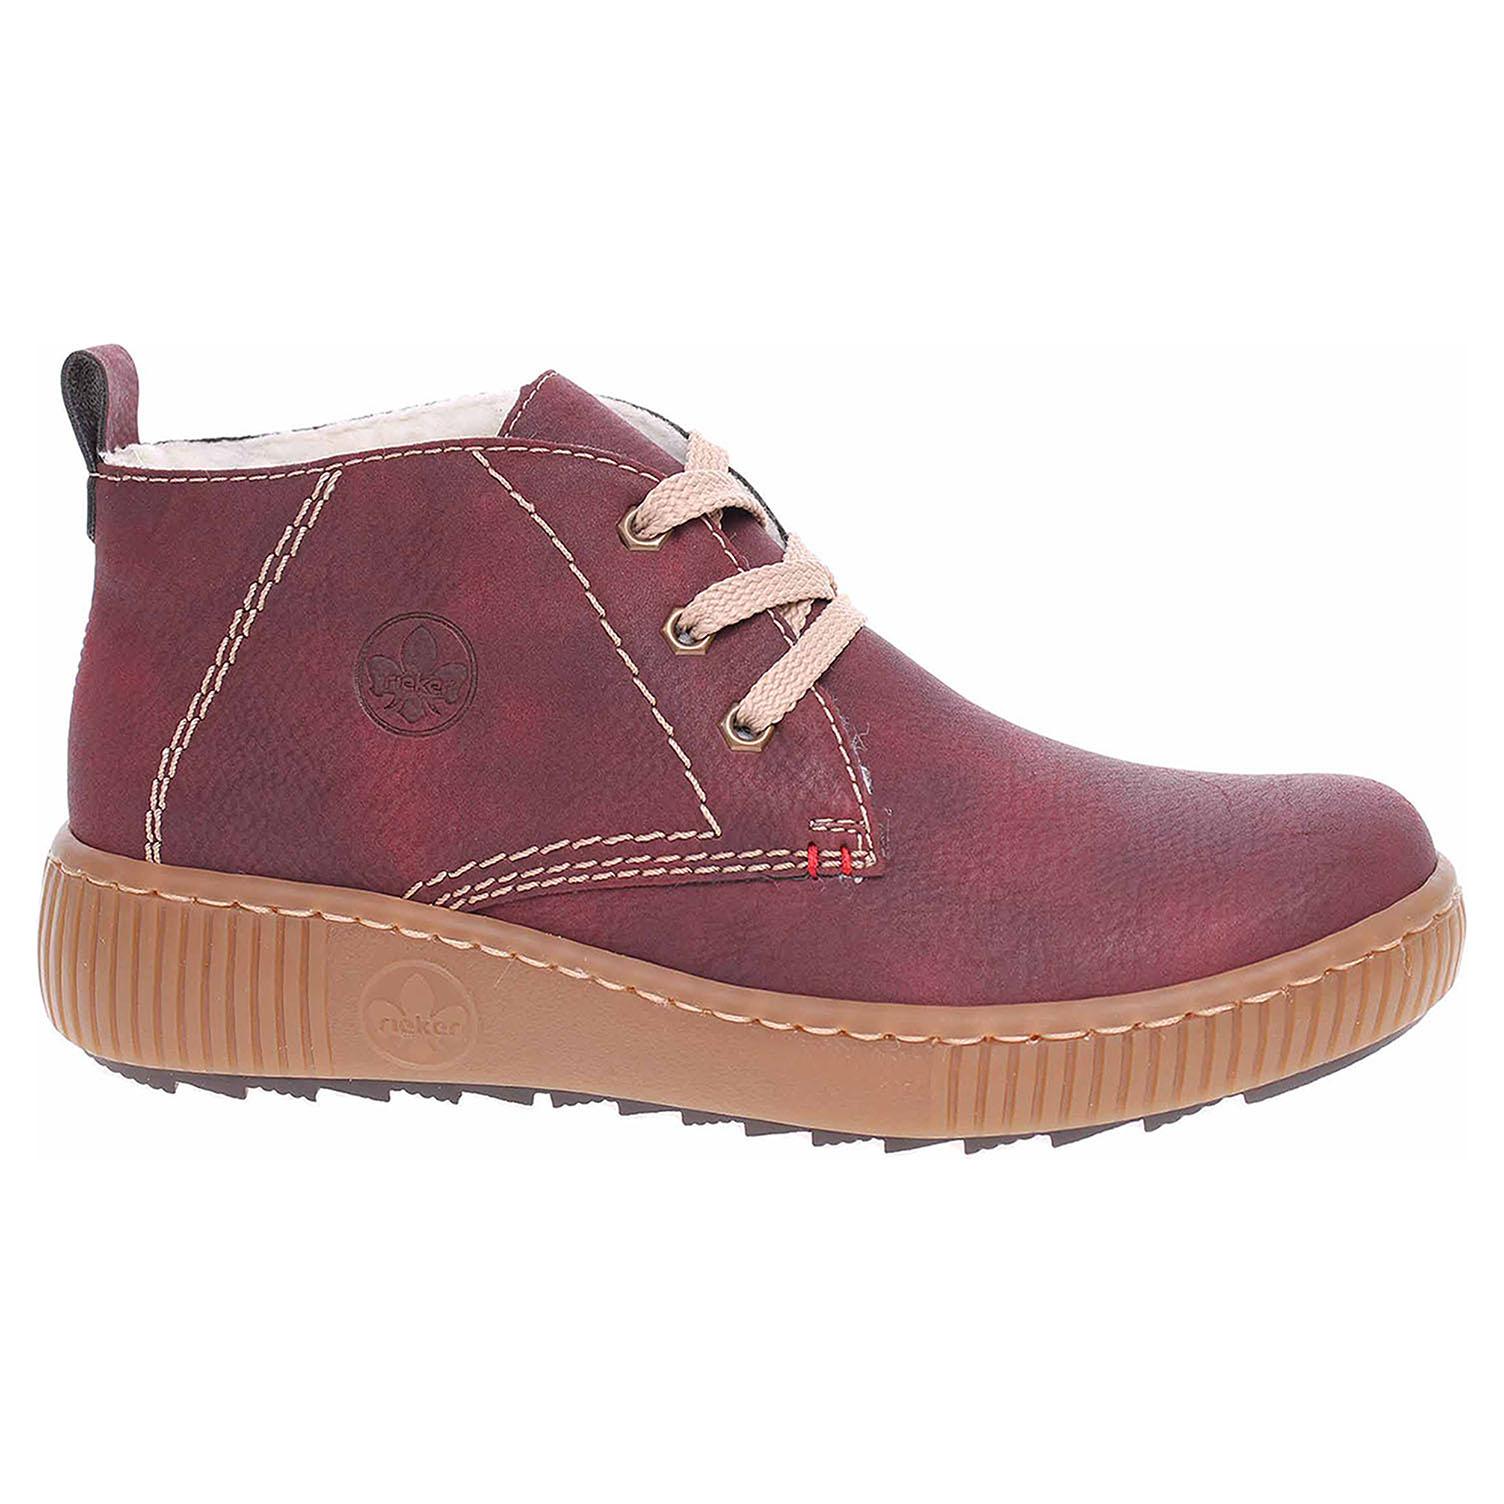 Dámská kotníková obuv Rieker L6640-35 rot L6640-35 39